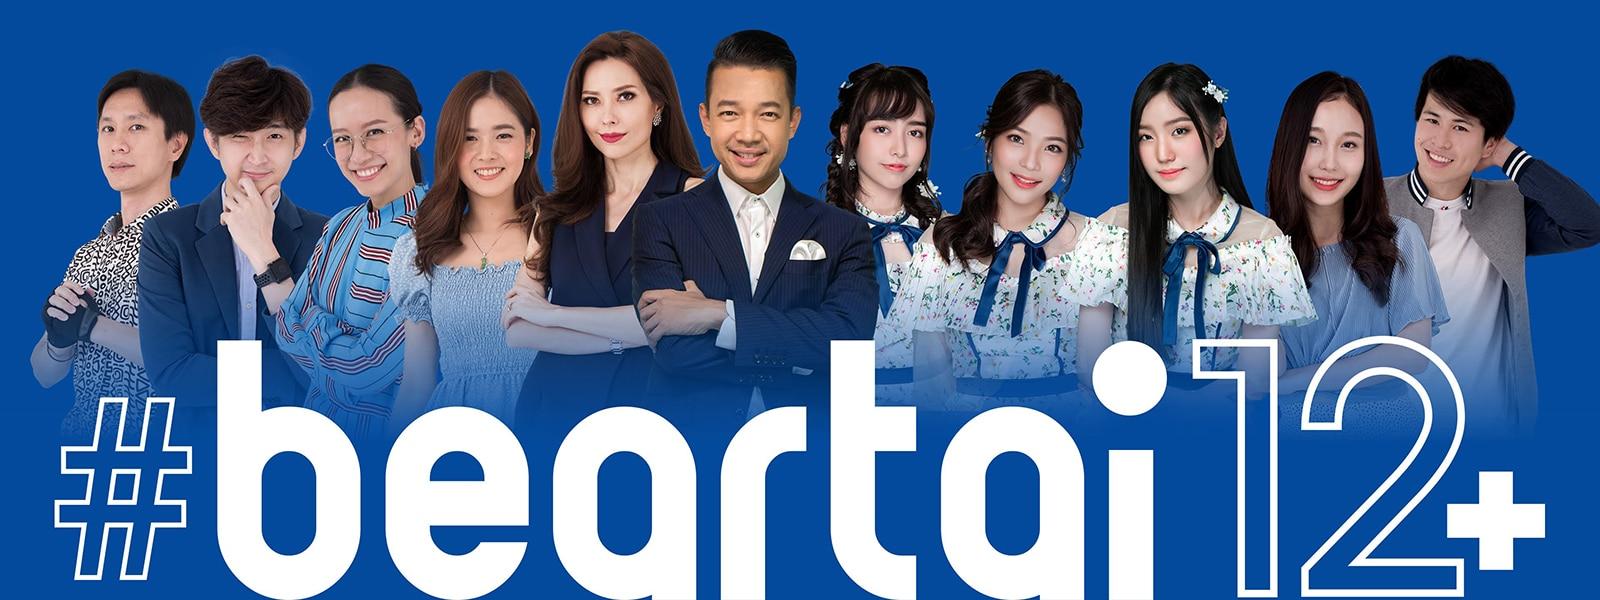 สัมภาษณ์ : Beartai12+ ก้าวใหม่ของแบไต๋และ 'หนุ่ย พงศ์สุข' บวก BNK48